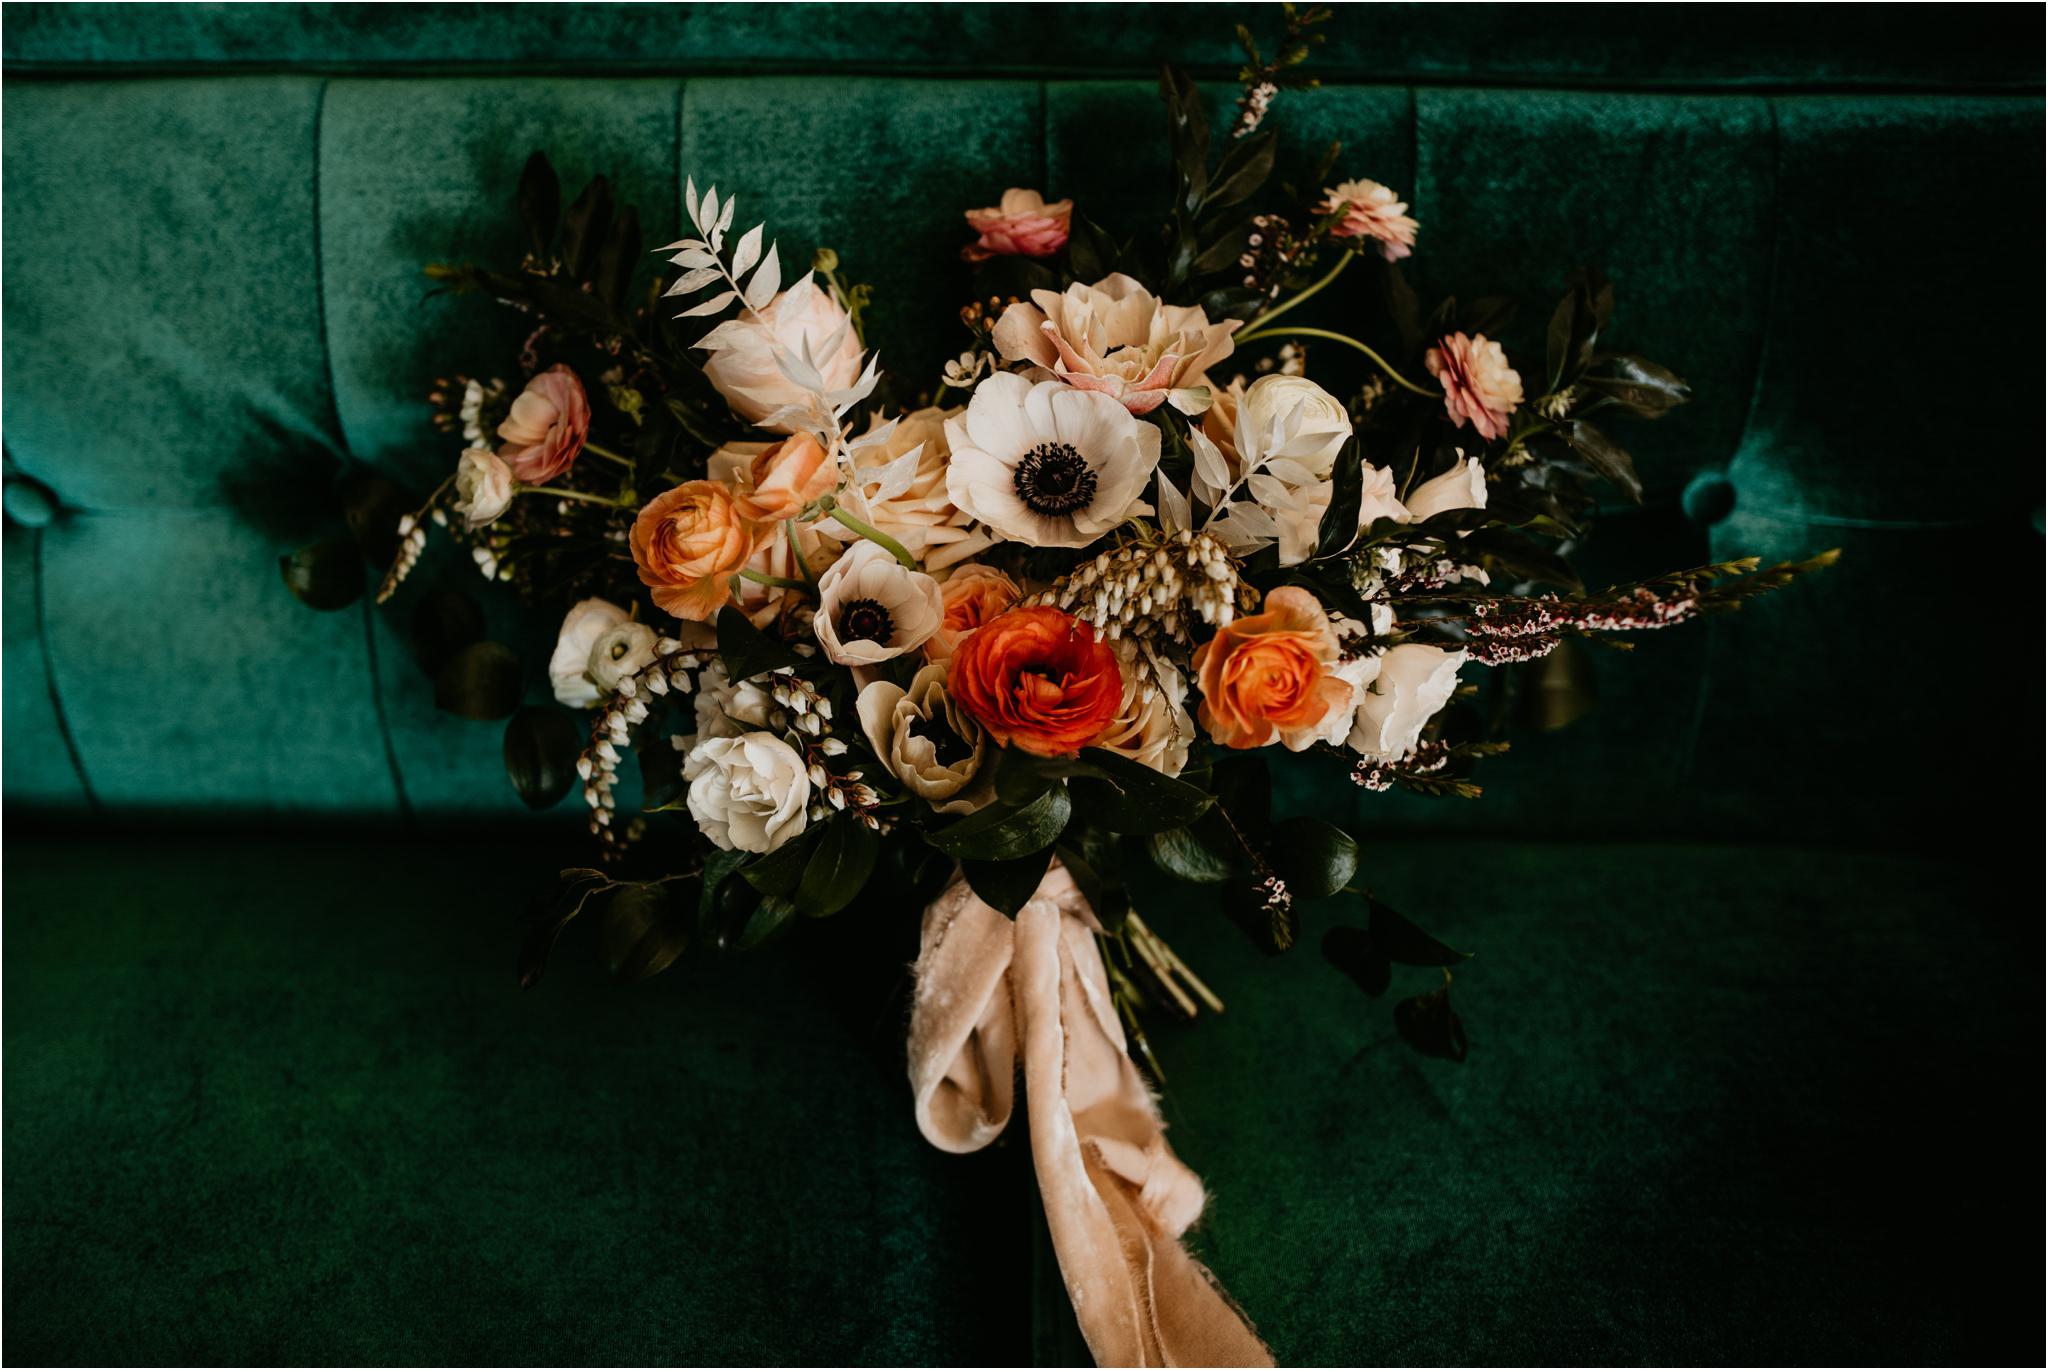 ashley-and-david-fremont-foundry-seattle-washington-wedding-photographer-003.jpg